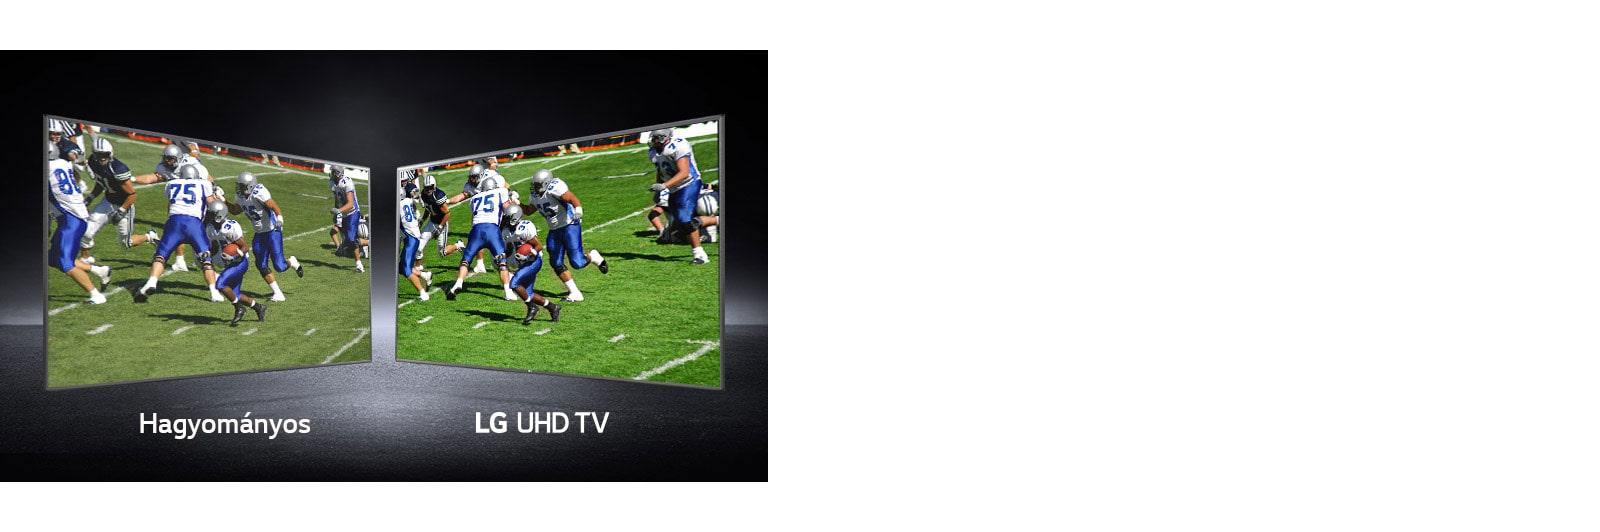 Kép a játékosokról, amint futballpályán játszanak, több nézetben. Az egyik a hagyományos képernyőn jelenik meg, a másik pedig UHD TV-n.